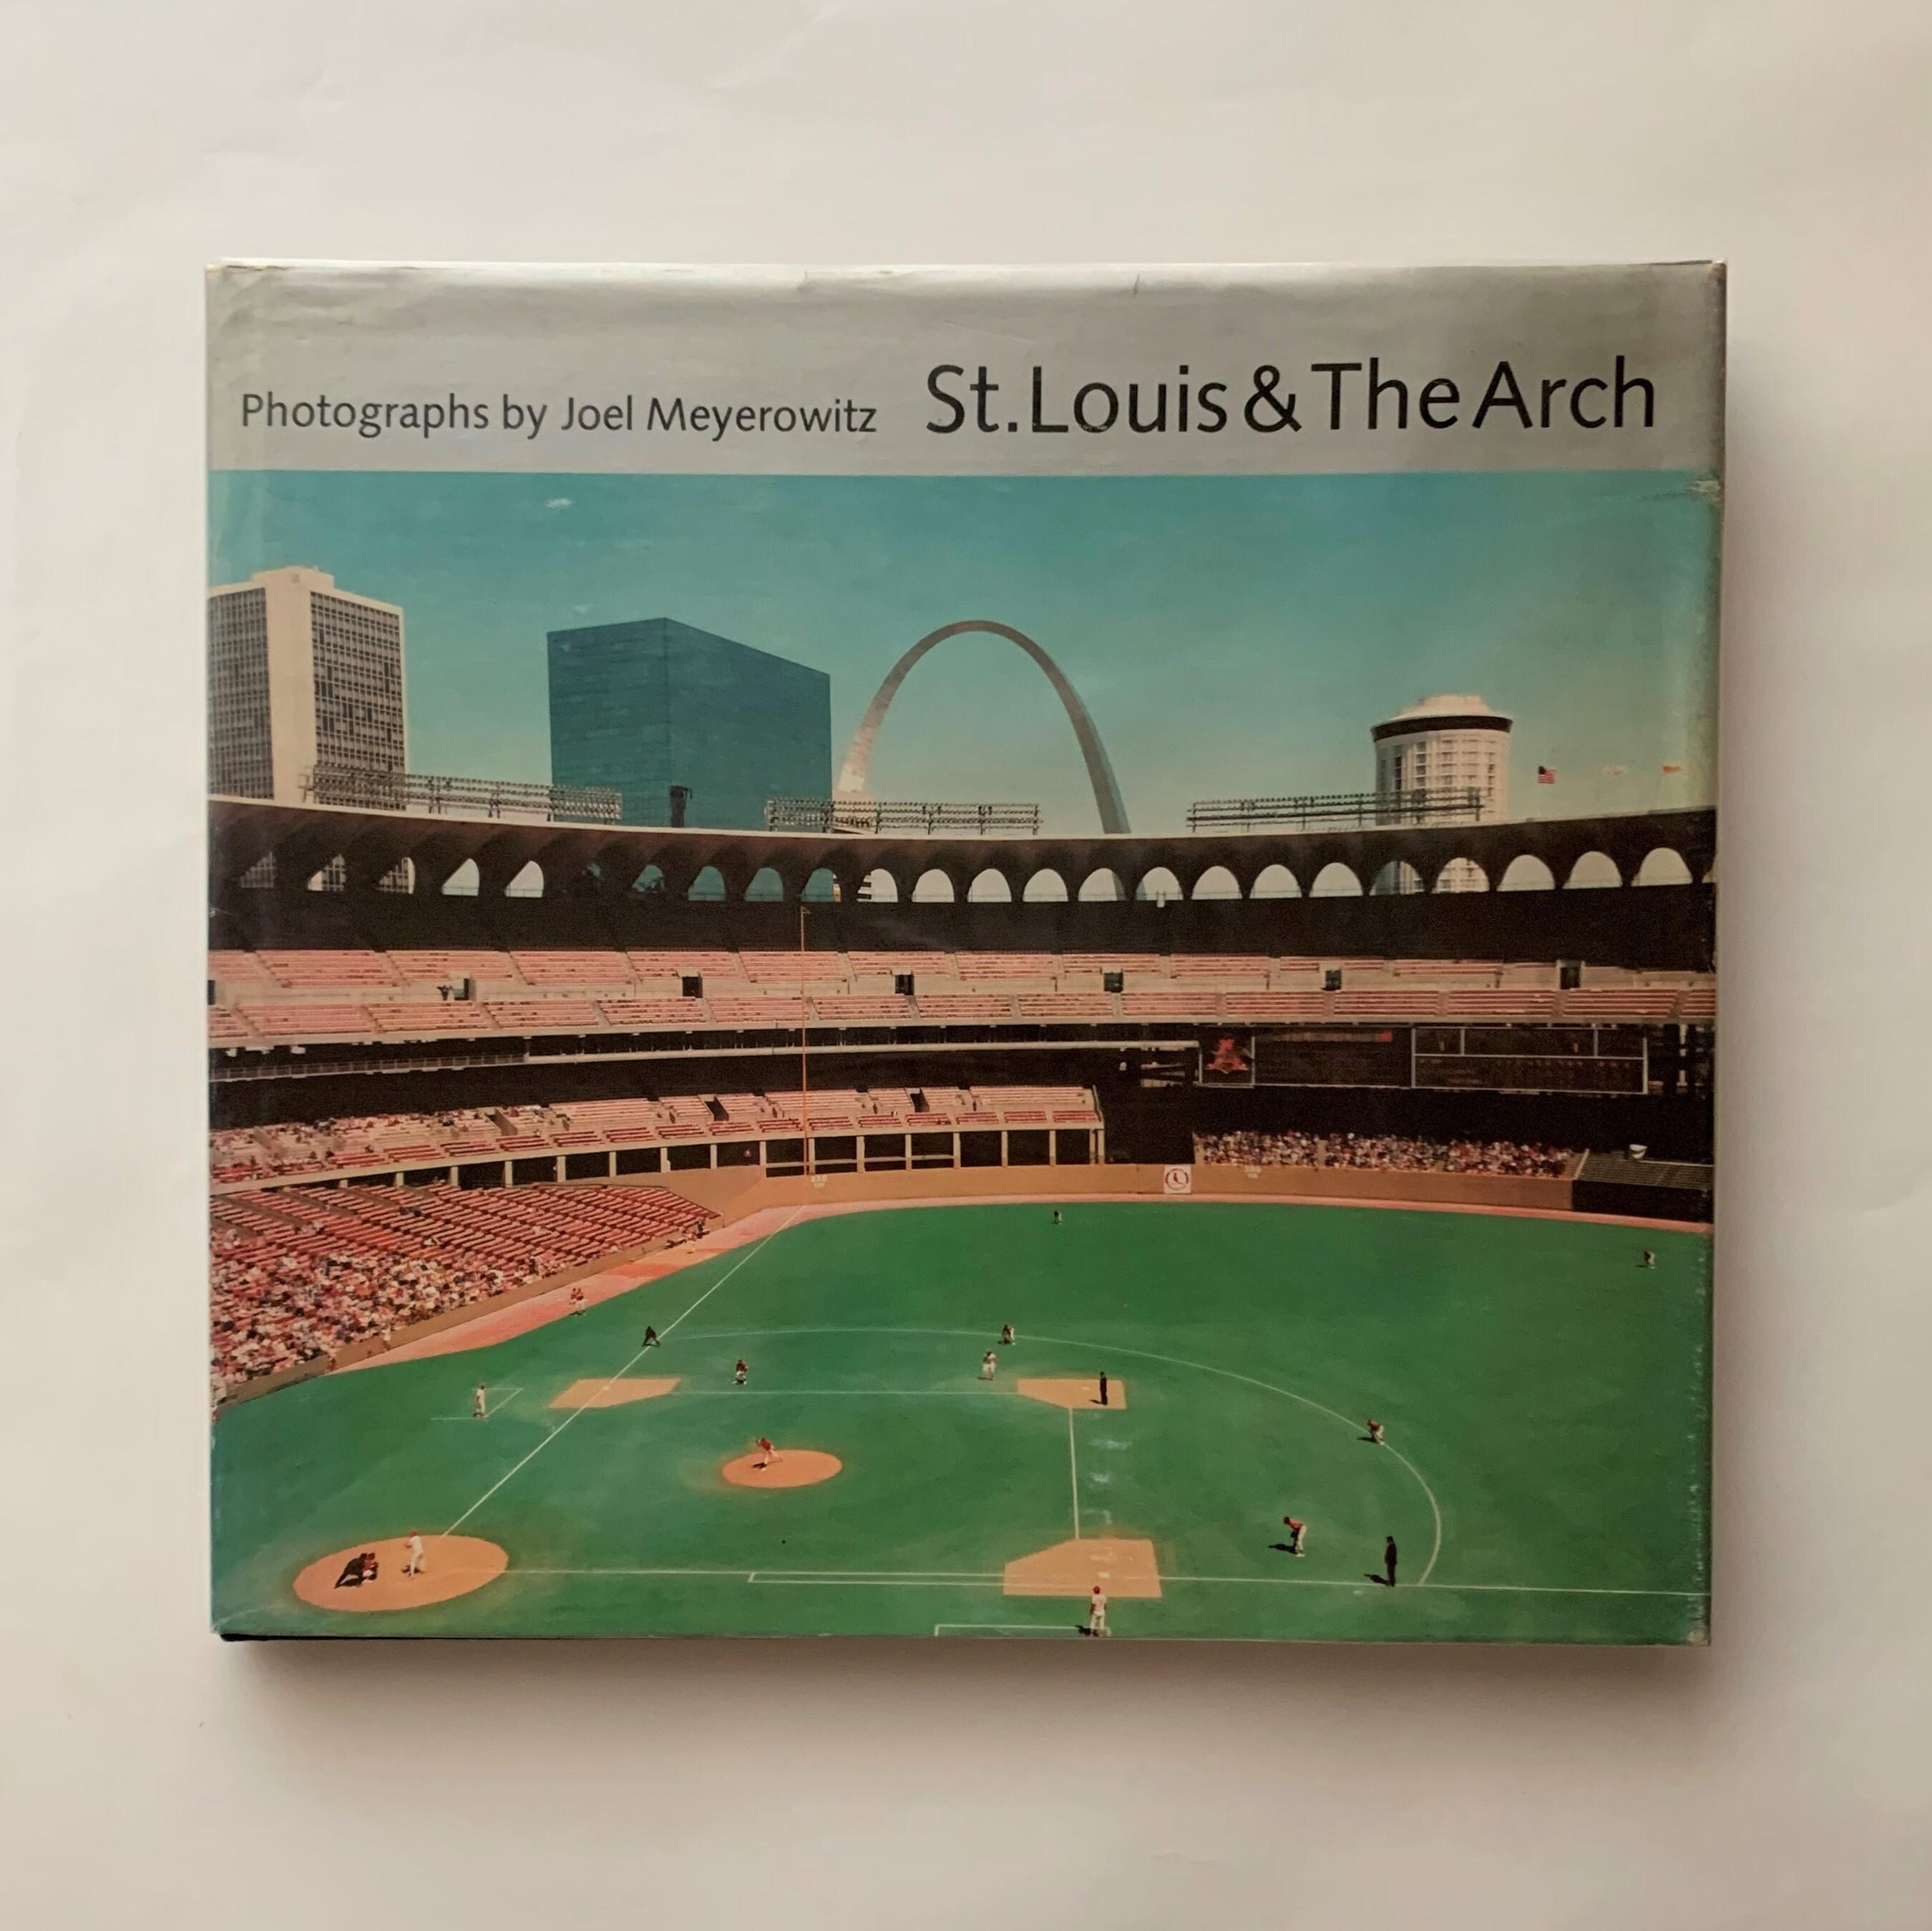 ST. LOUIS & THE ARCH  /  Joel Meyerowitz ジョエル・マイロウィッツ